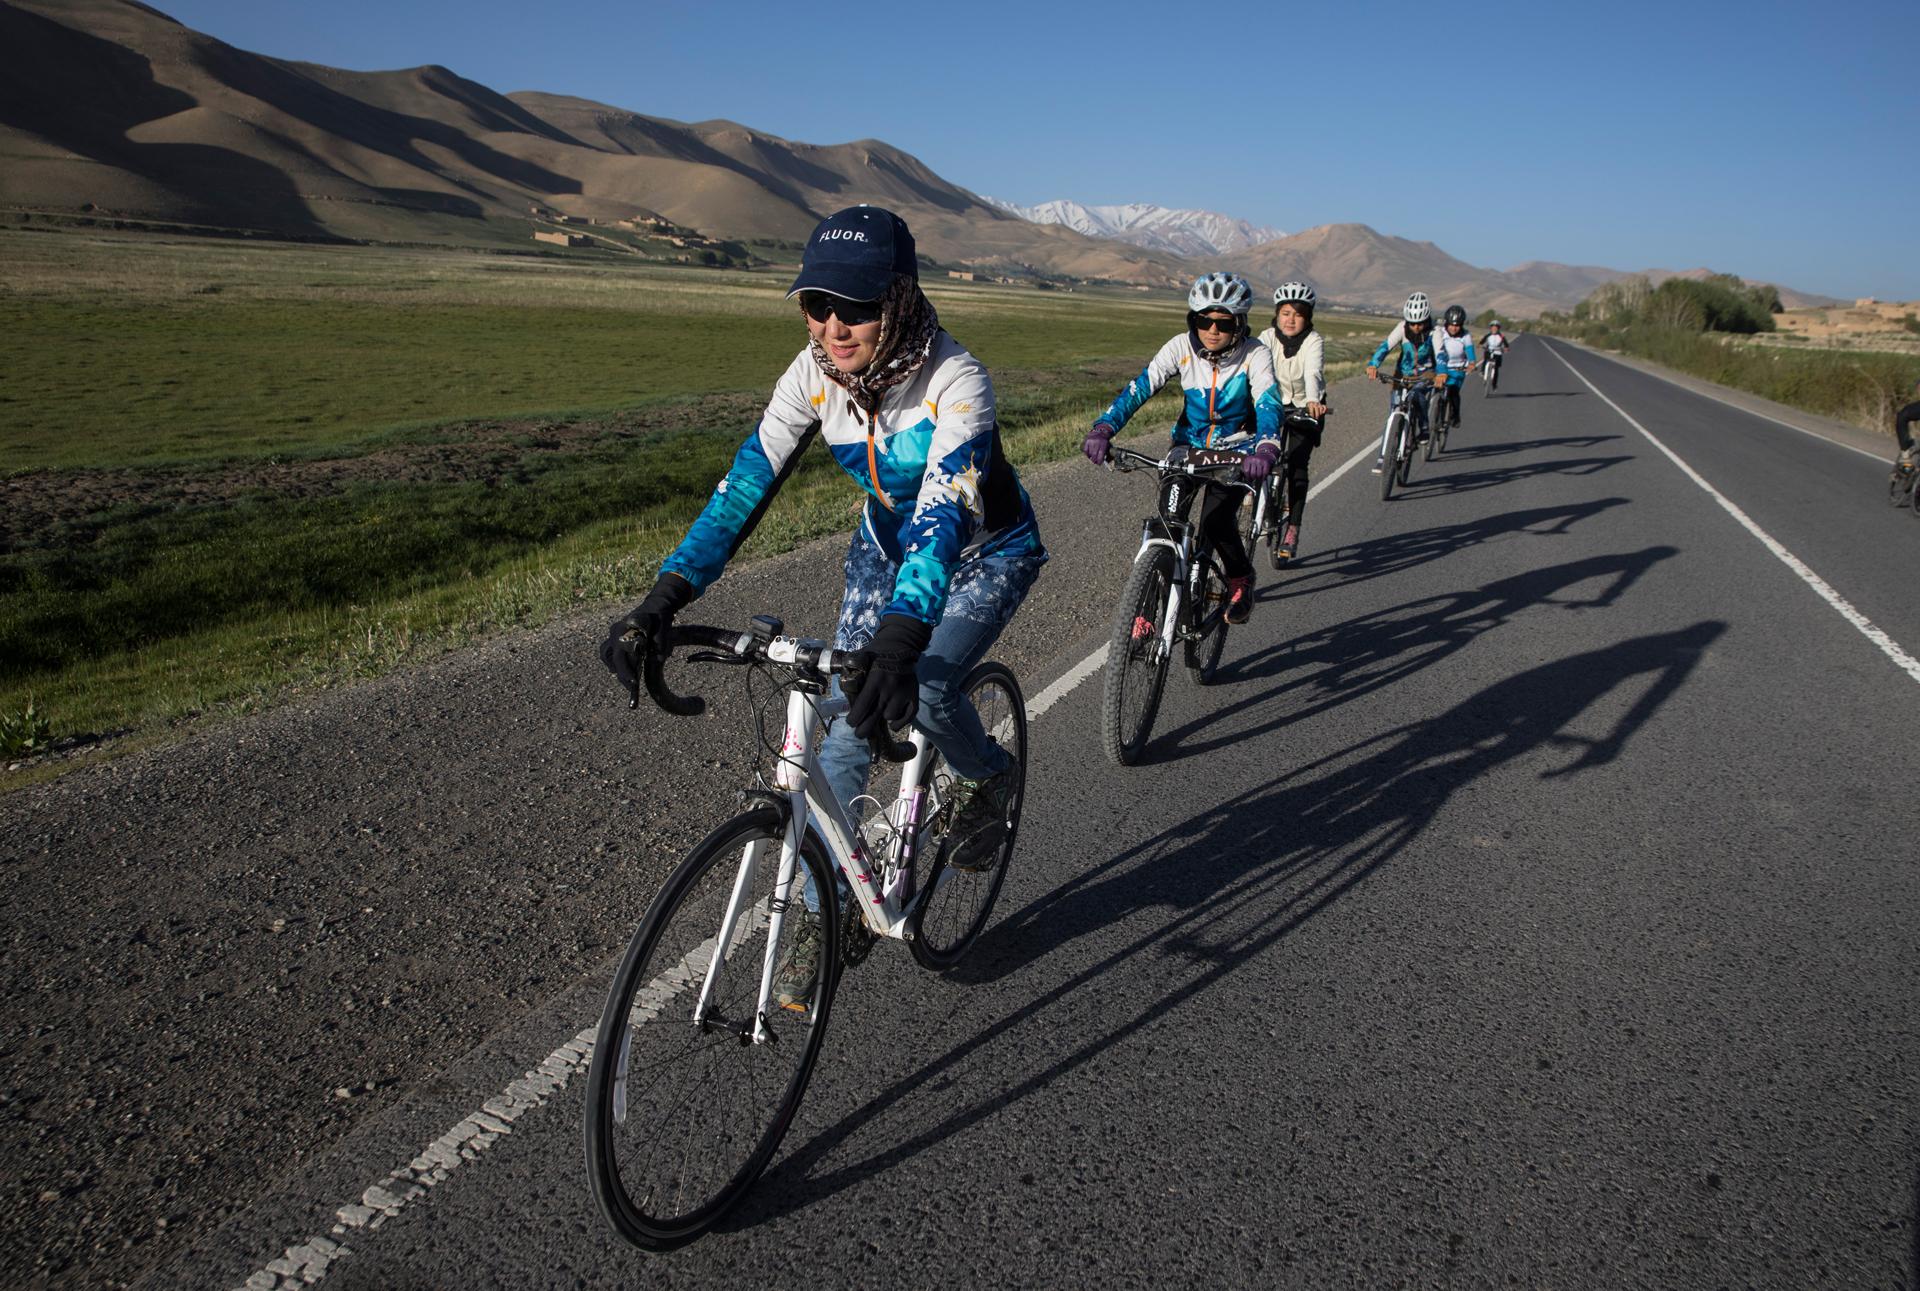 El equipo de ciclismo de mujeres de Afghanistan durante una práctica temprano de la mañana de 6 am fuera de Bamiyan. Zakia Mohammadhi es quien organiza y entrena al equipo. (Paula Bronstein)